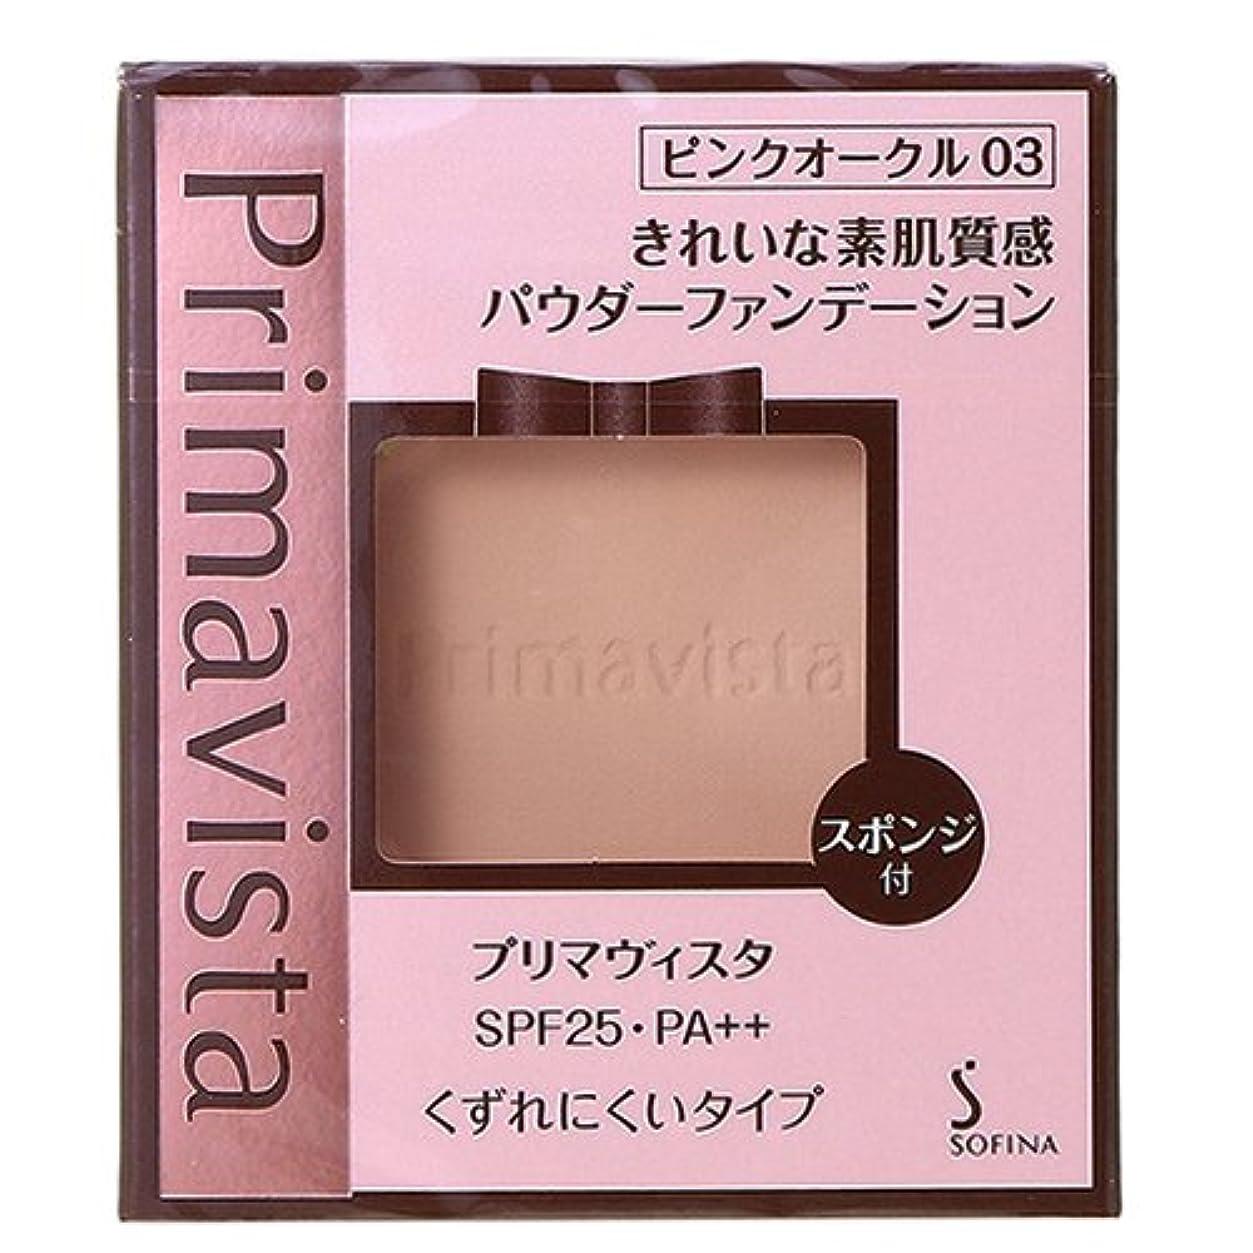 カオウ 花王 ソフィーナ プリマヴィスタ きれいな素肌質感パウダーファンデーション SPF25 PA++ オークル05 (在庫)